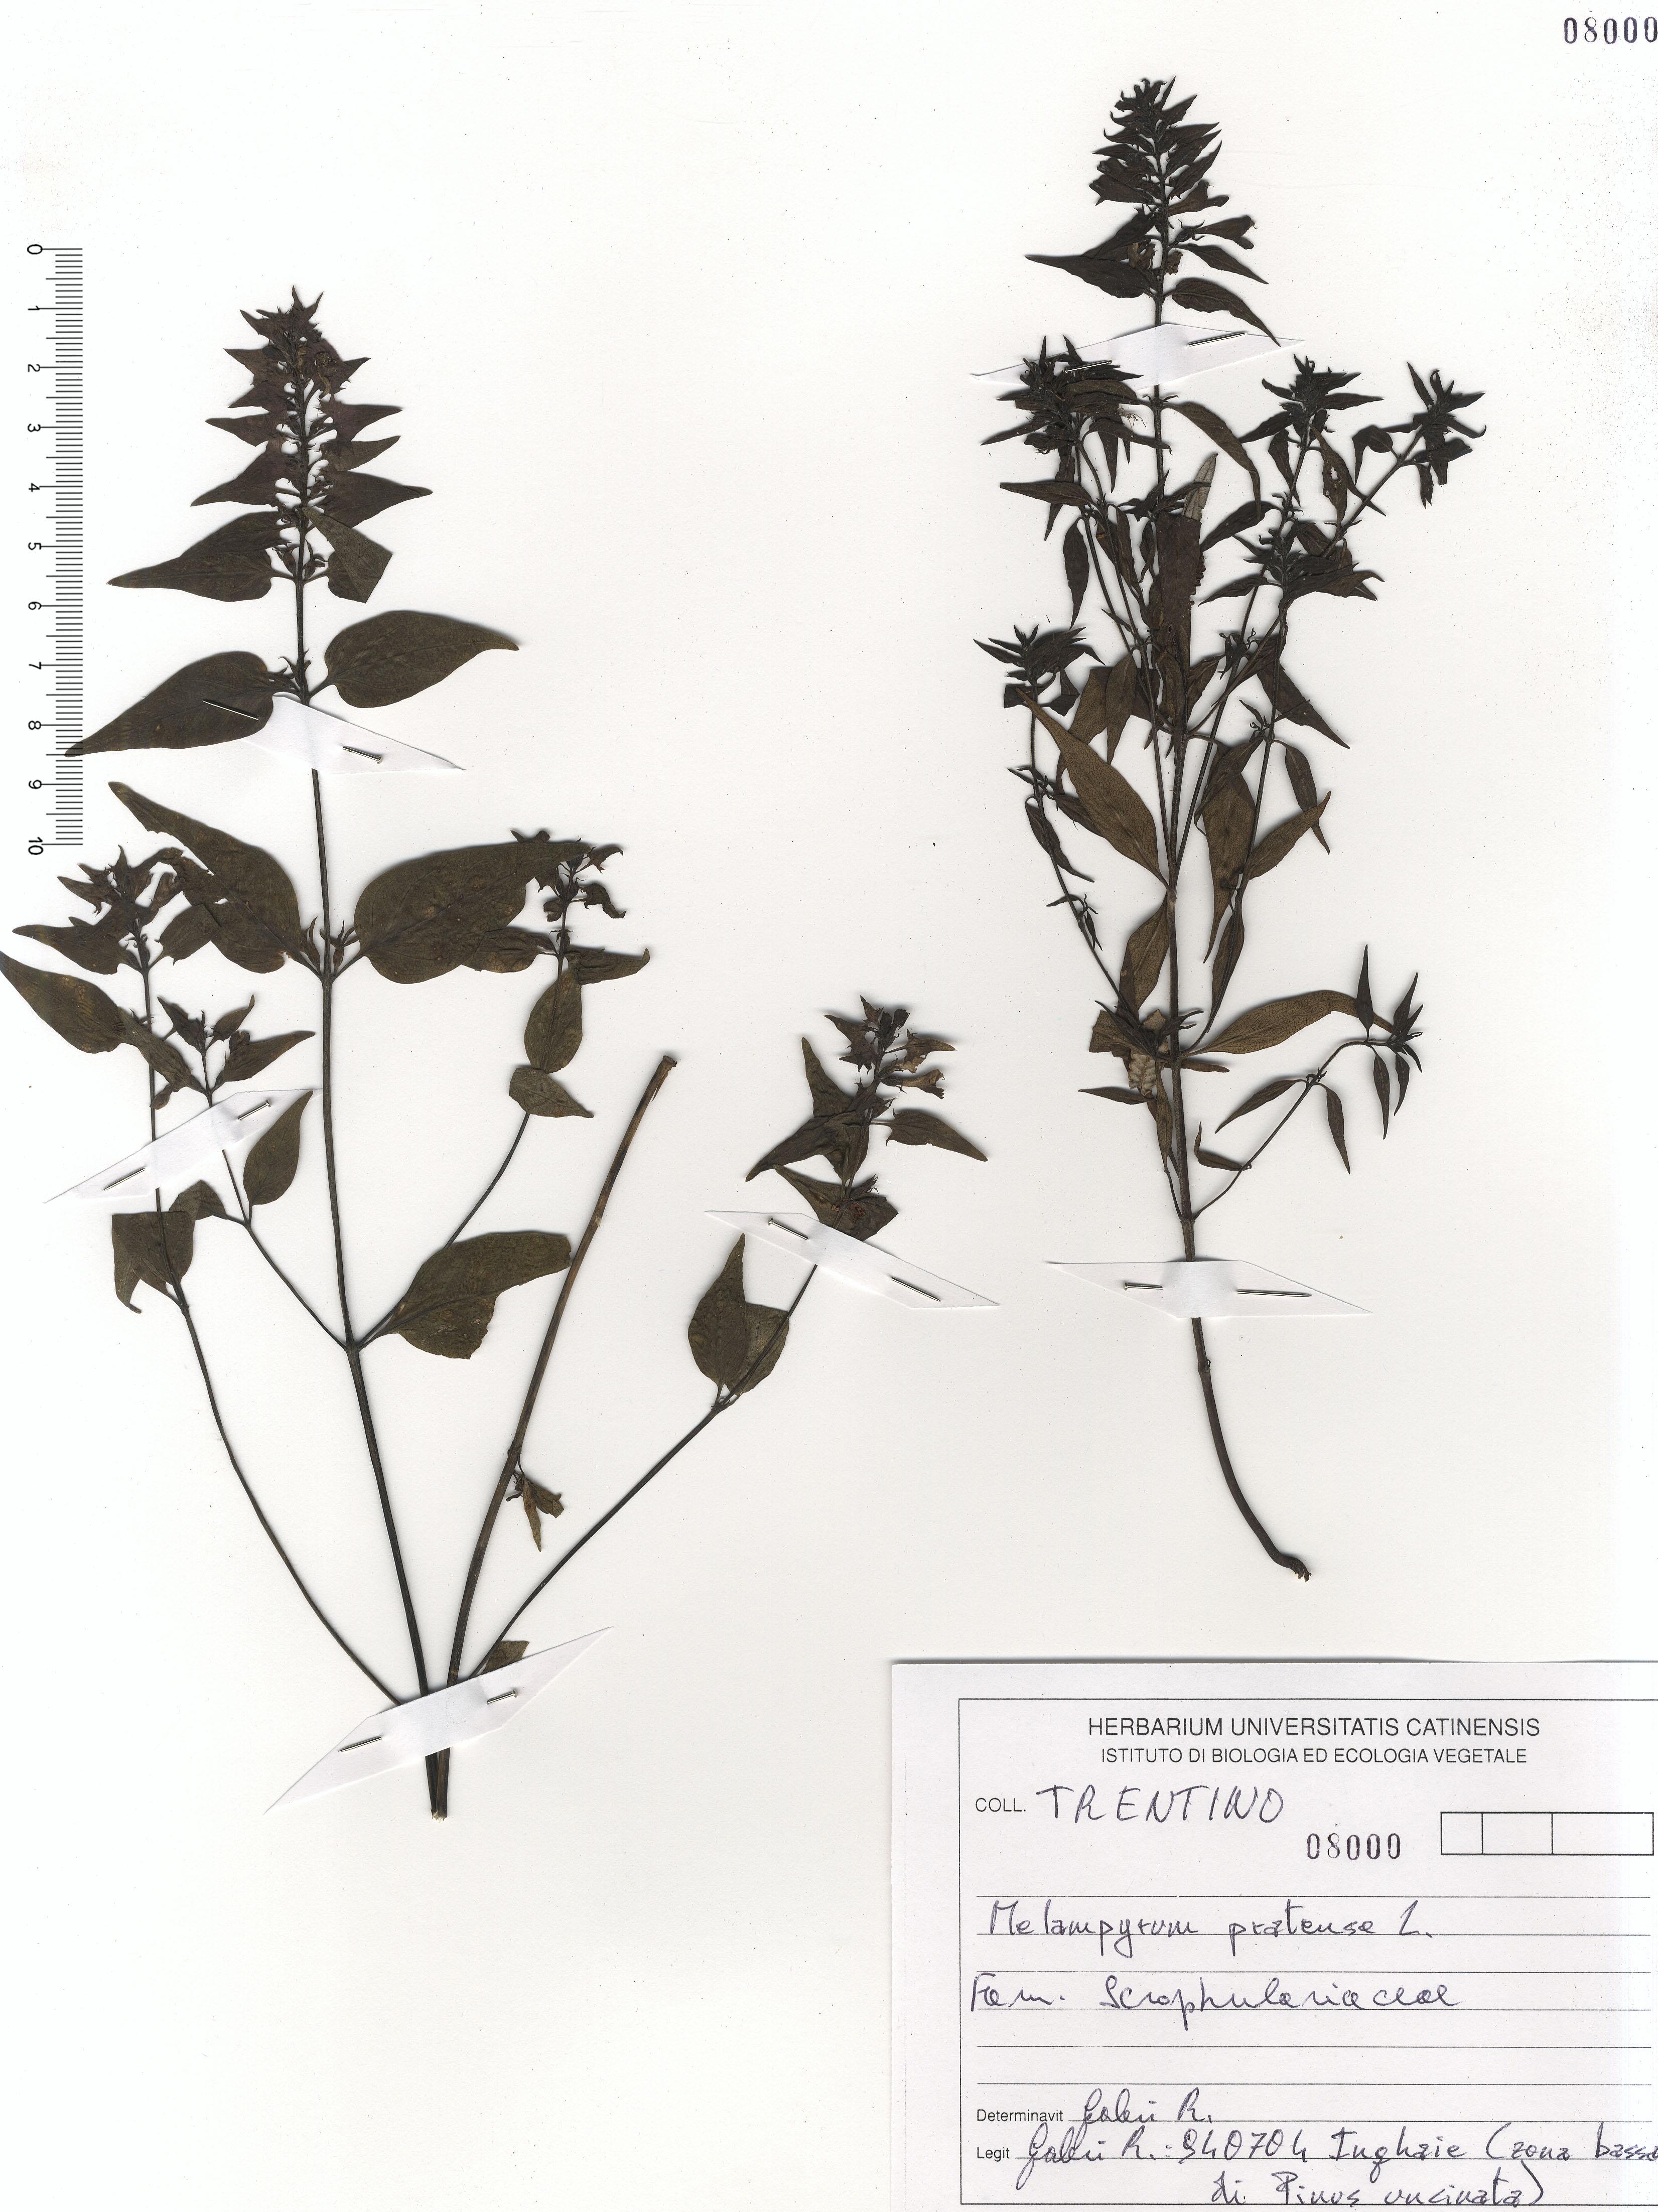 © Hortus  Botanicus Catinensis - Herb. sheet 108000<br>